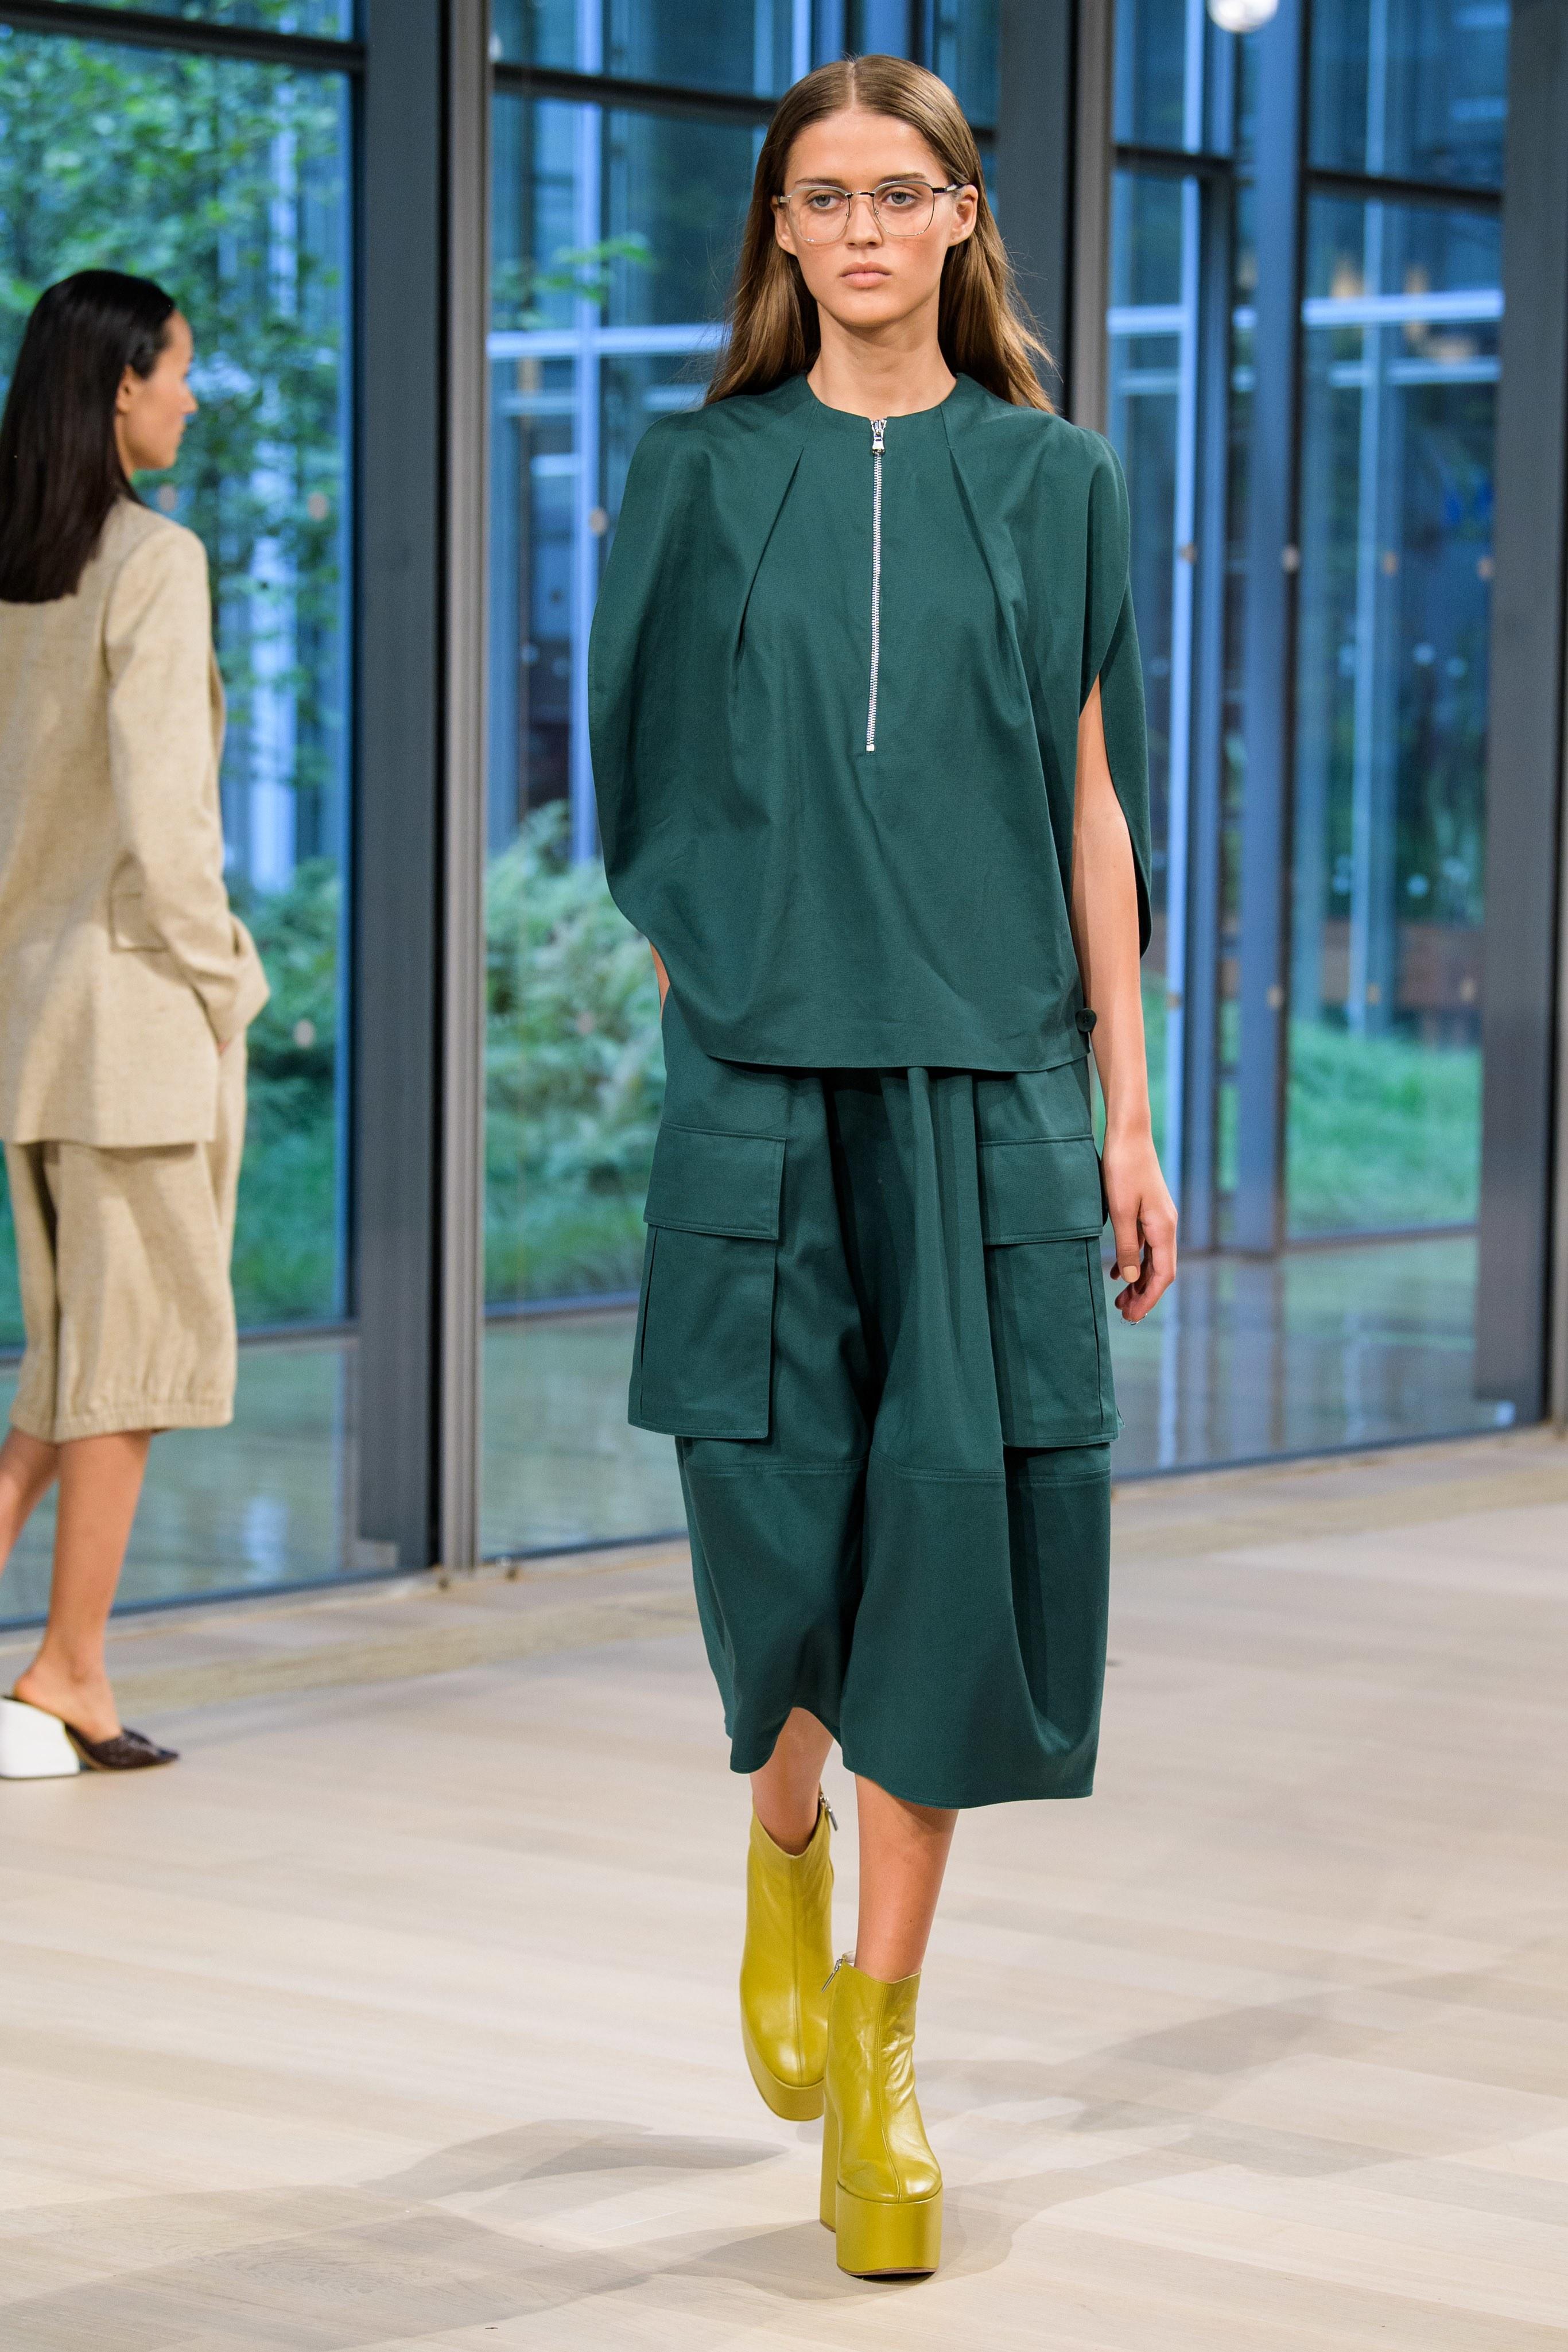 BST Tibi Xuân - Hè 2020 - trang phục màu xanh cổ vịt